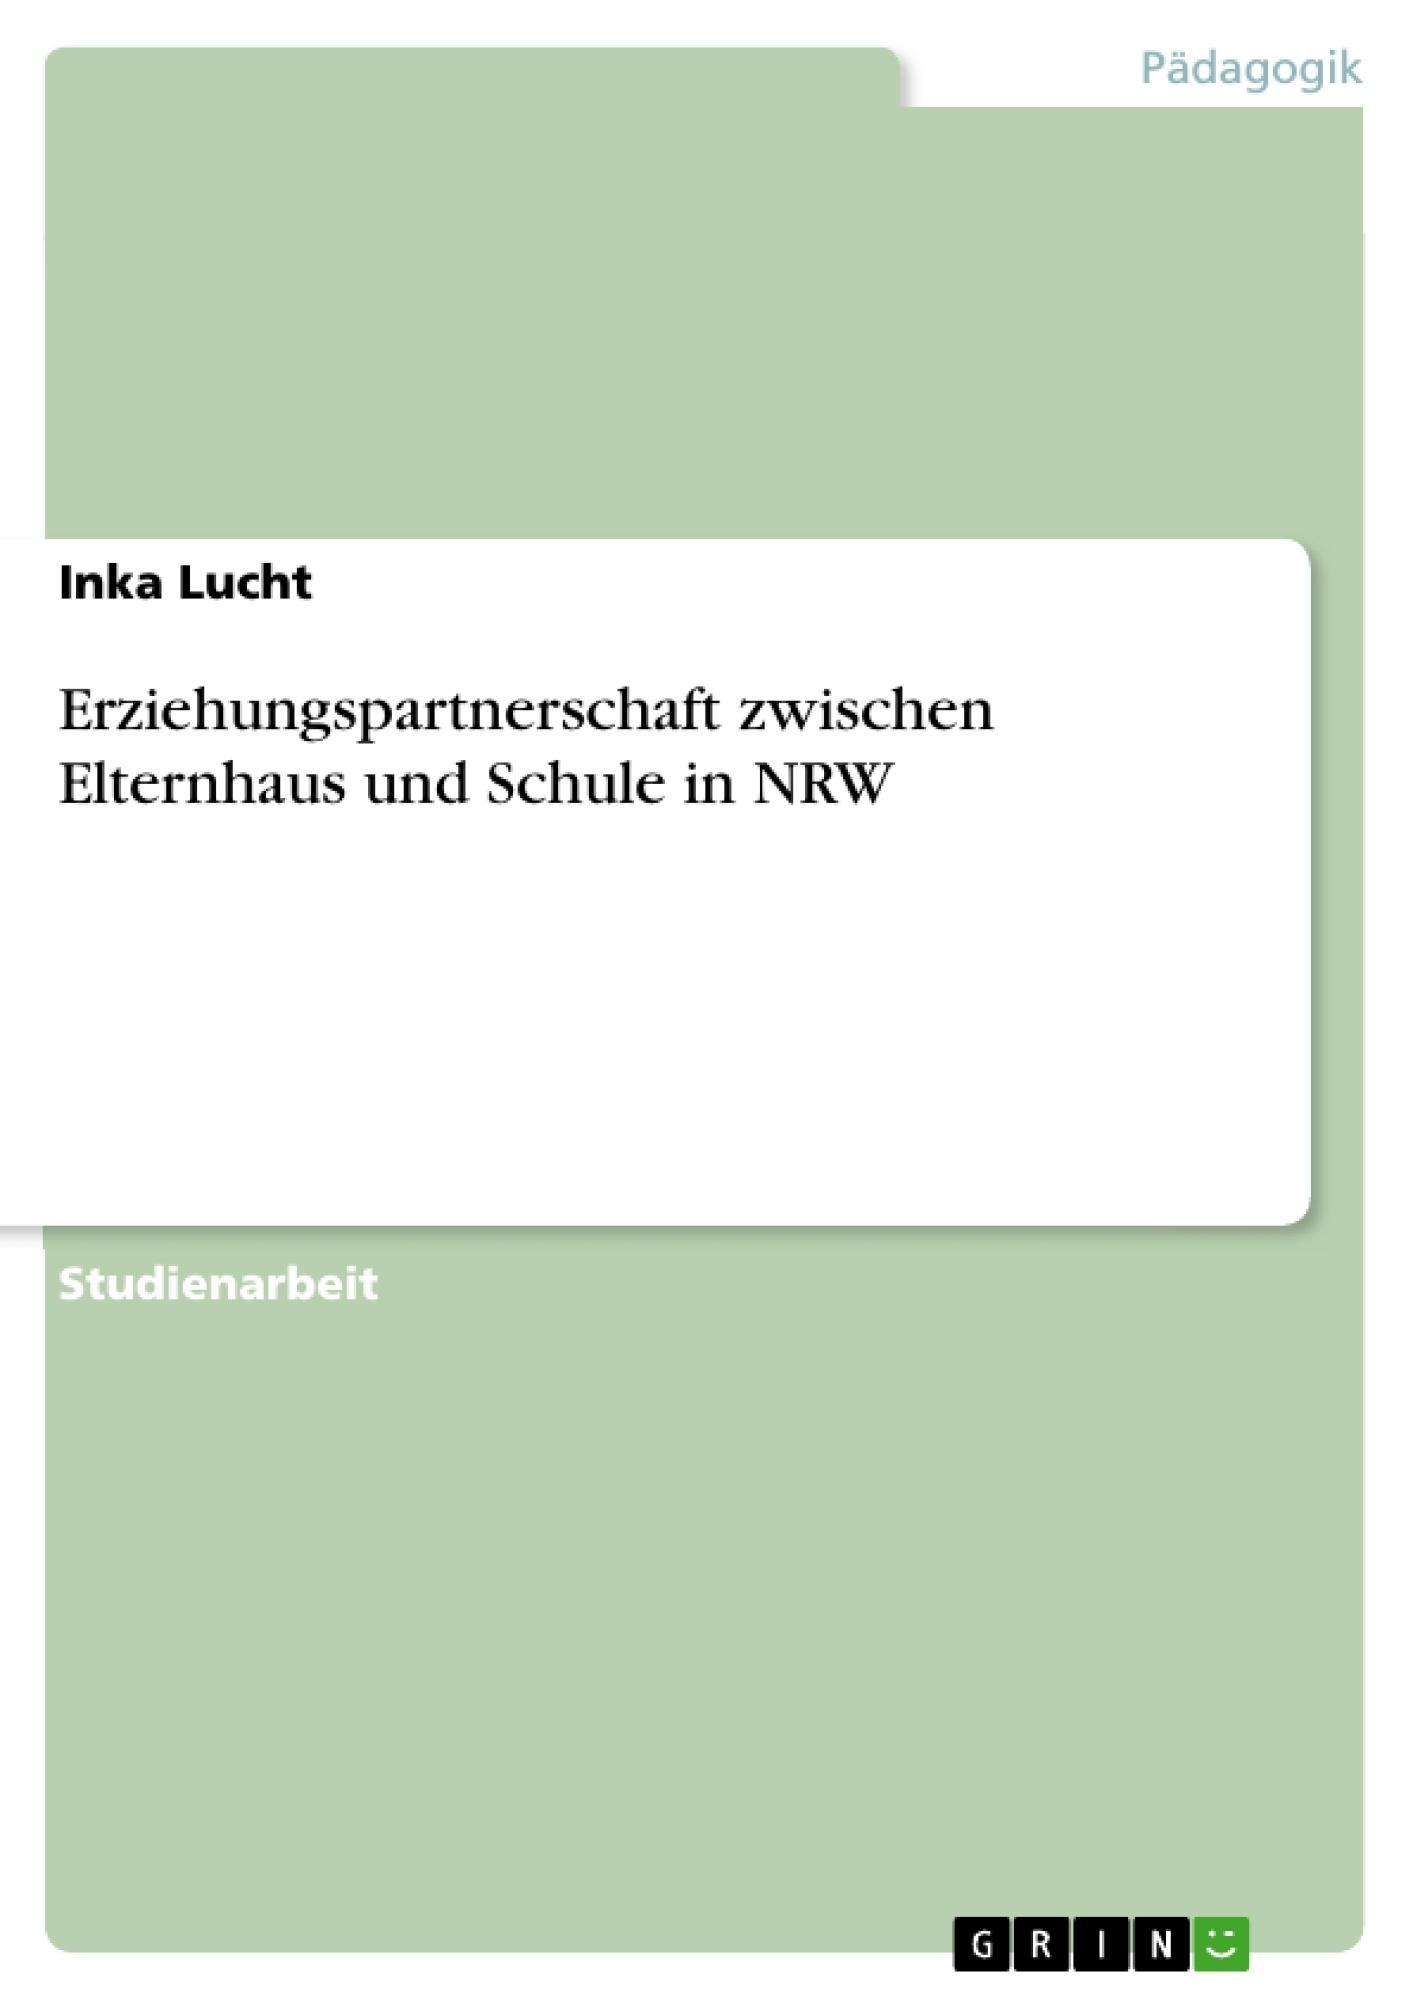 Titel: Erziehungspartnerschaft zwischen Elternhaus und Schule in NRW